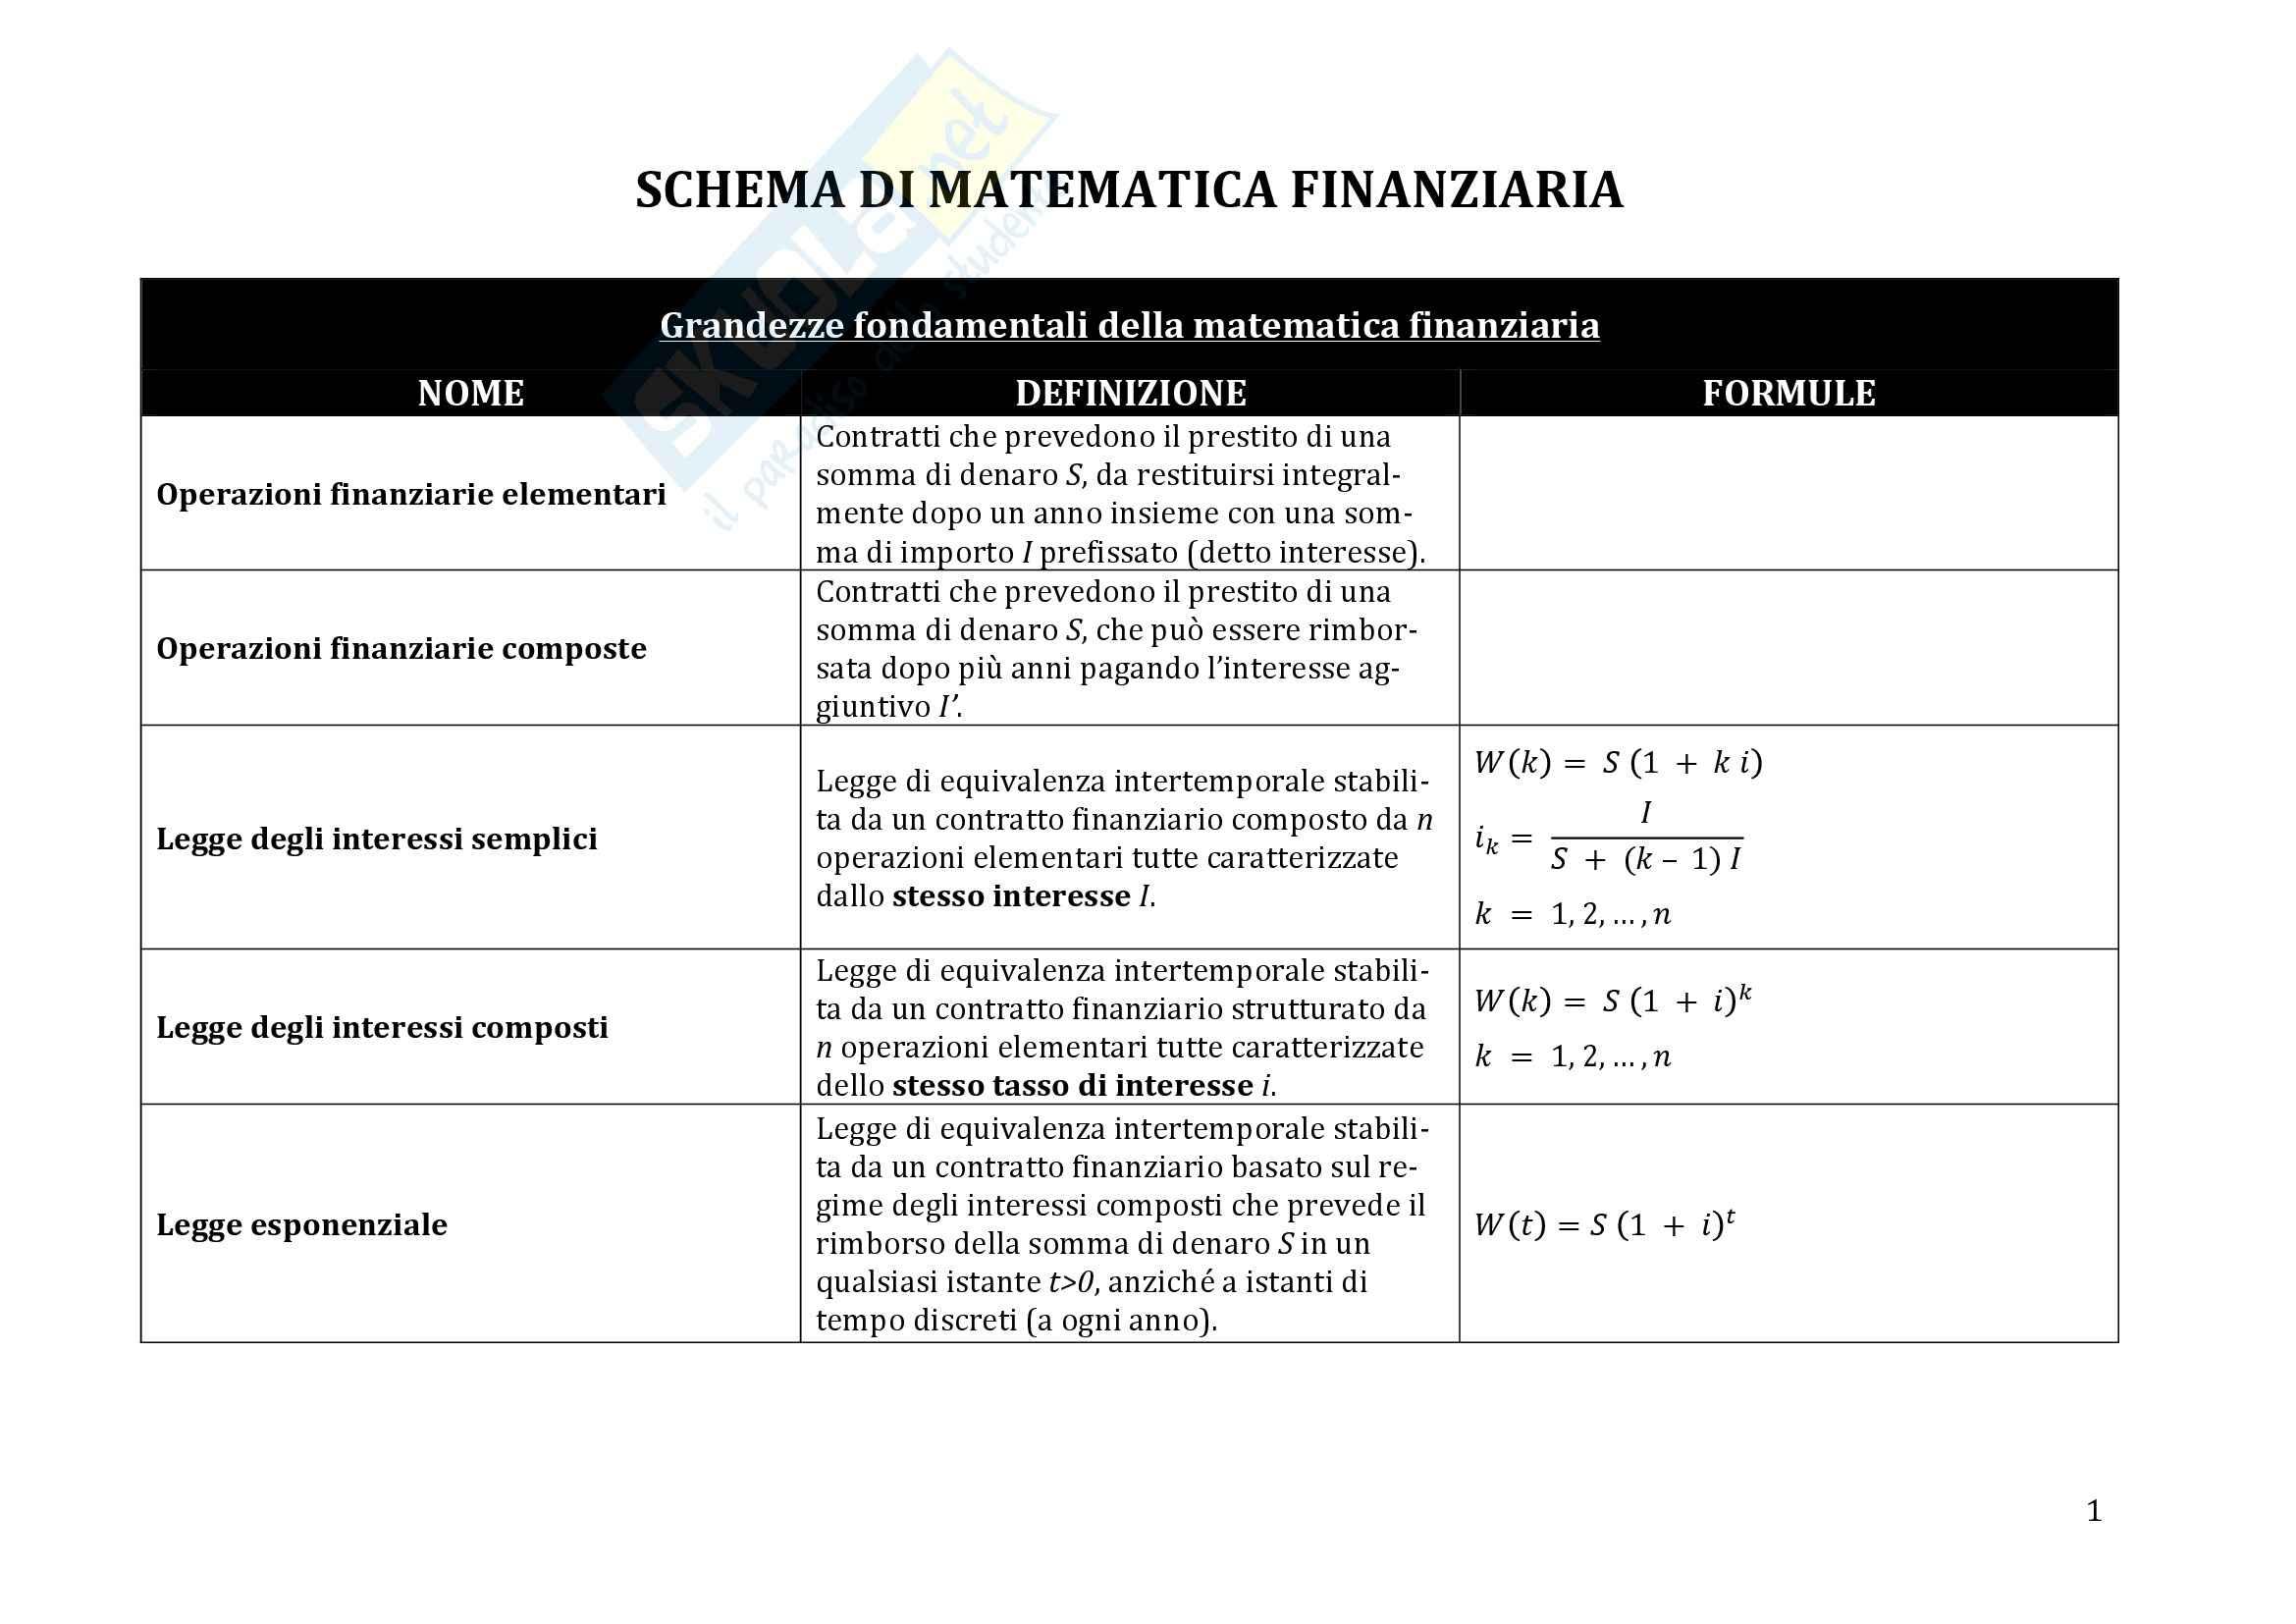 Matematica finanziaria, Moriconi - Definizioni e formule